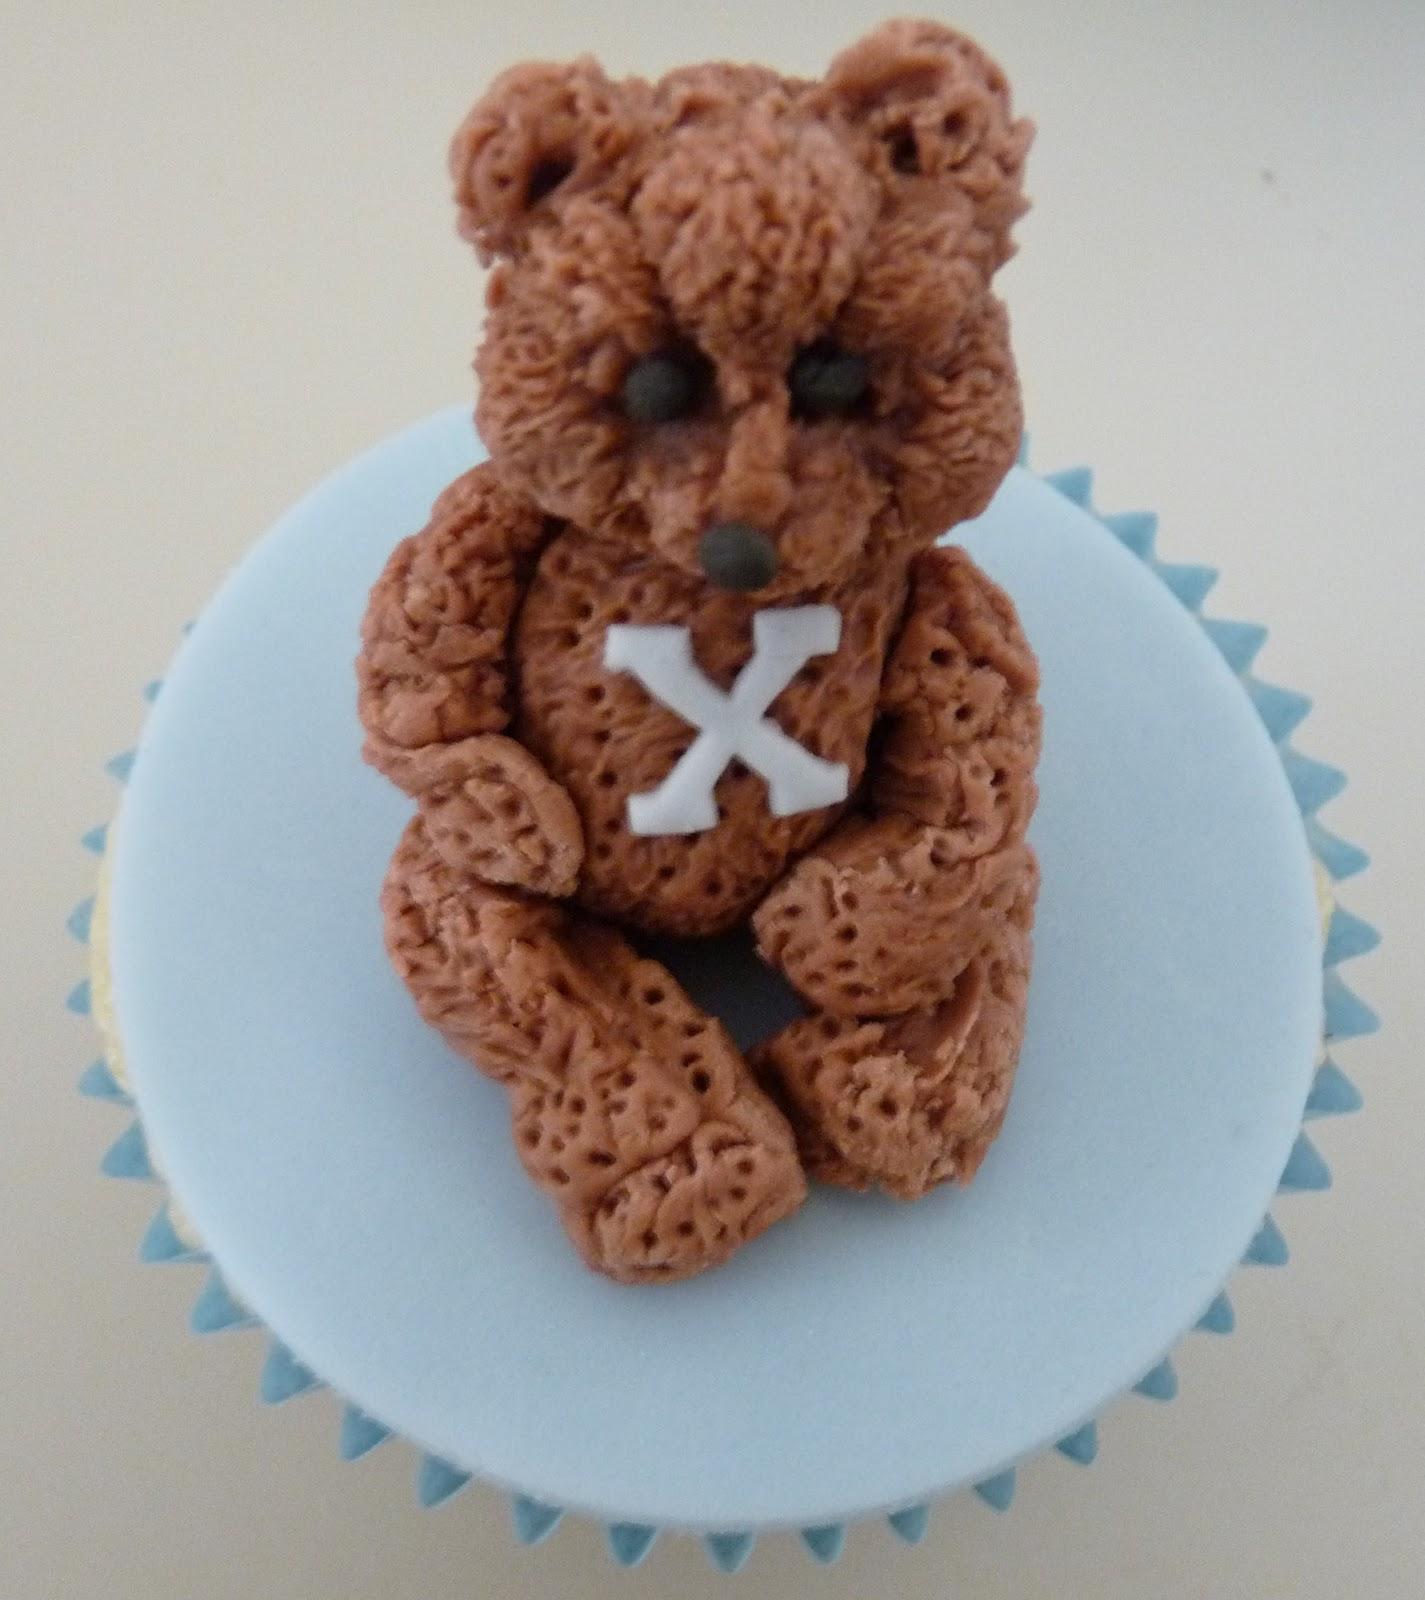 Angie's Cakes: Teddy Bear Cupcakes